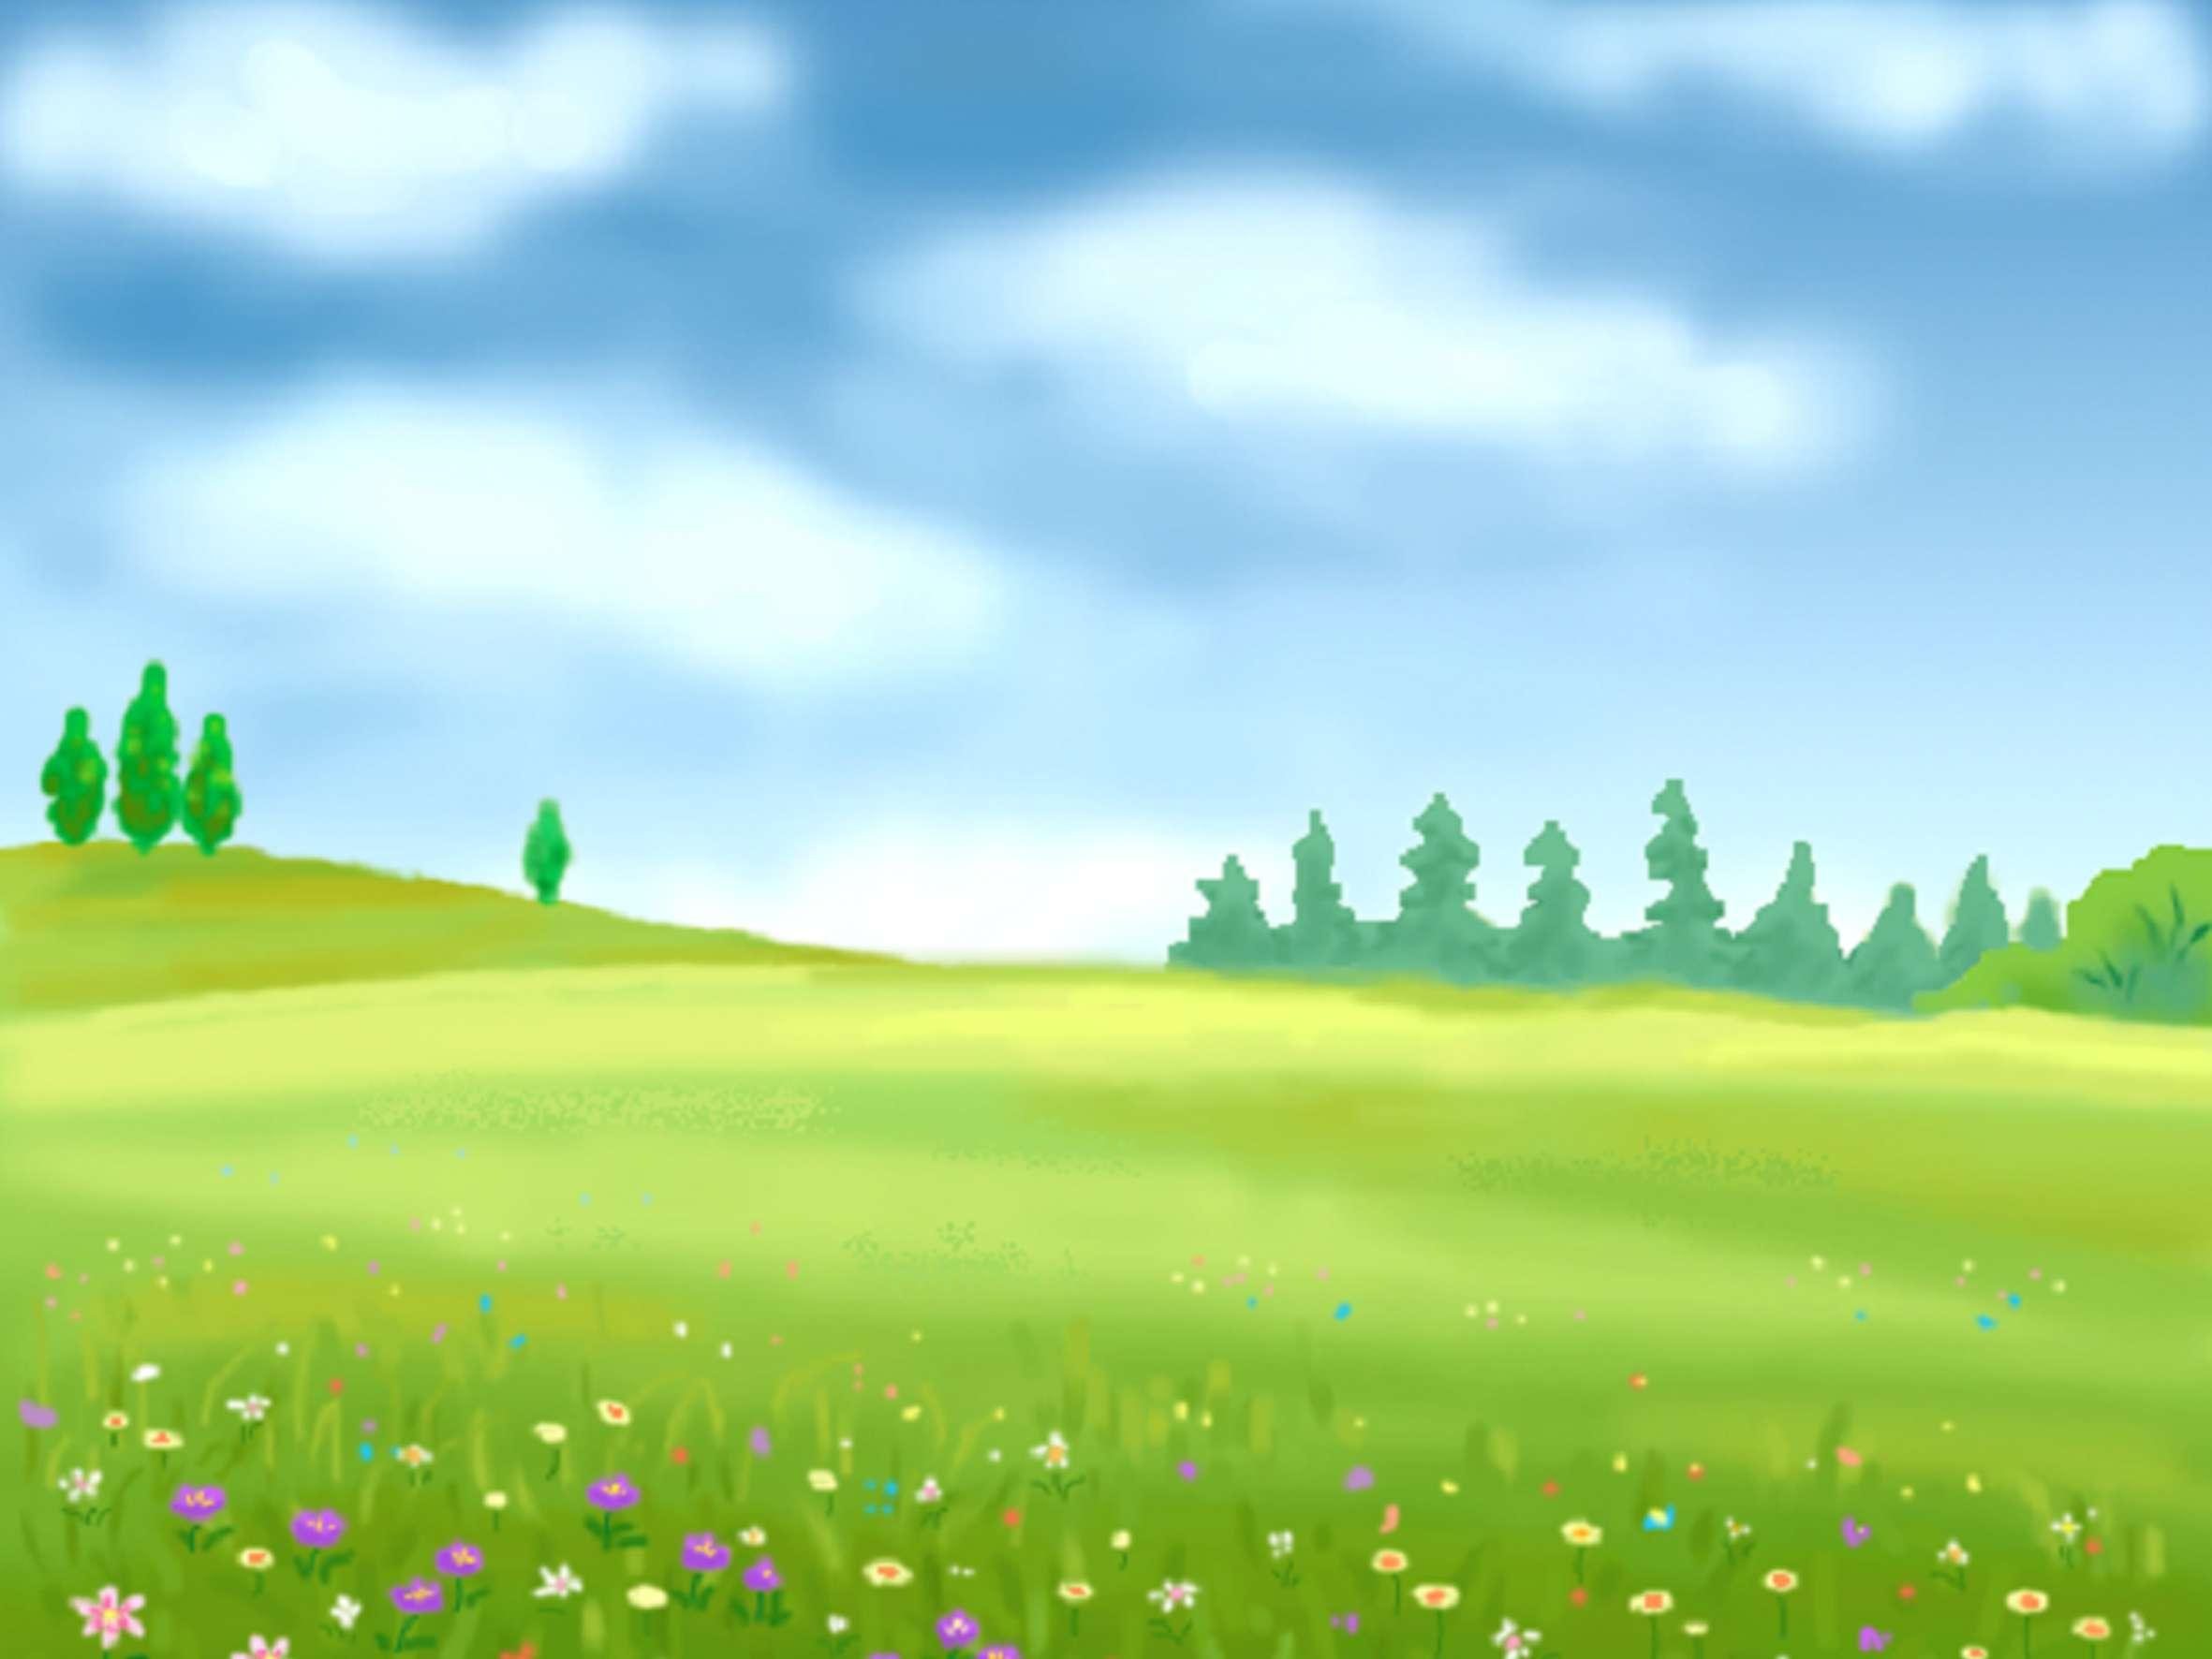 El Rincon de mis Imagenes: paisaje infantil